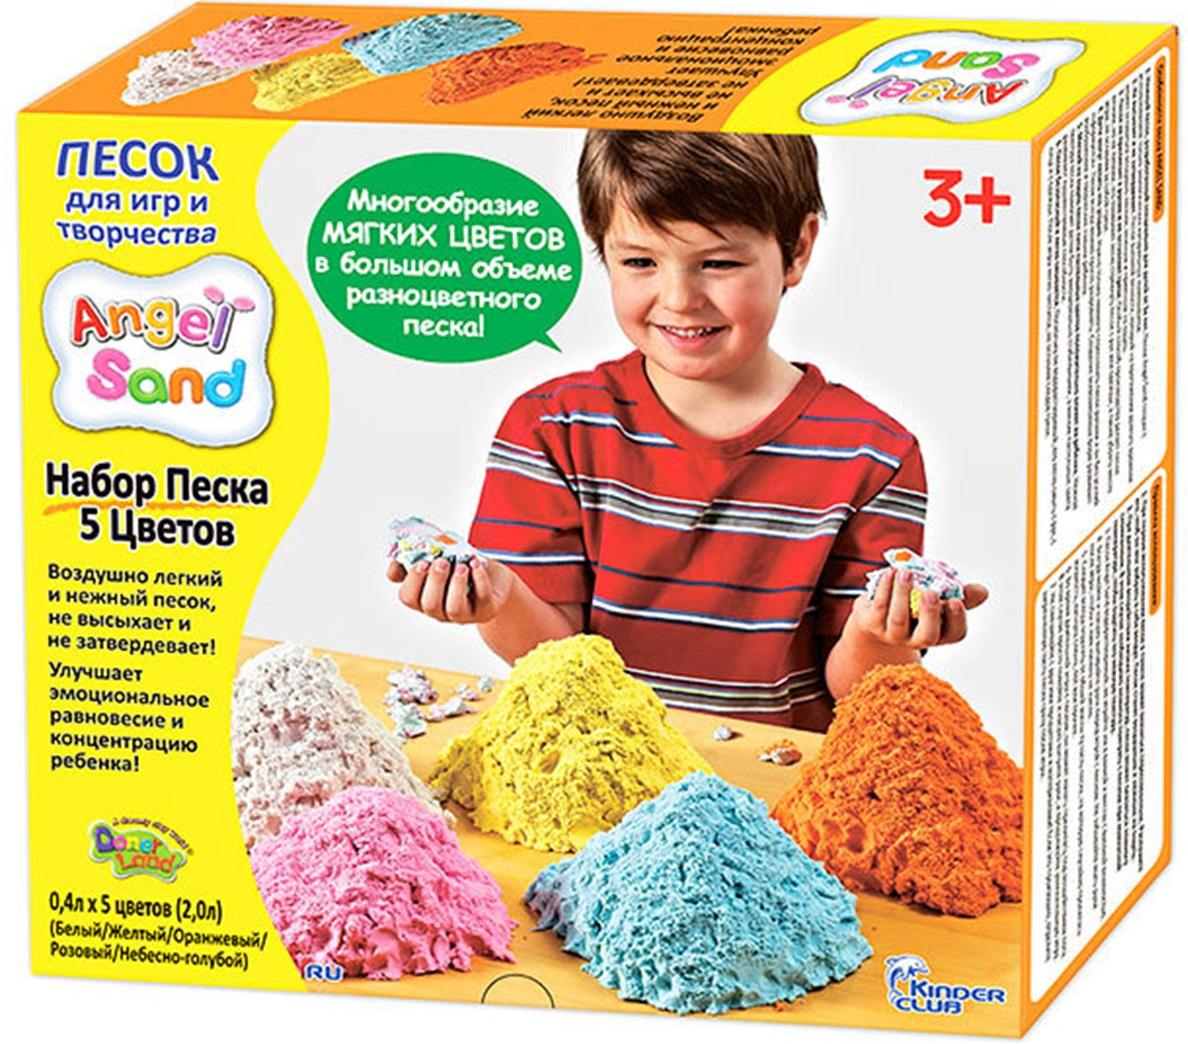 Песок Angel Sand Игровой набор песка 5 Цветов (5-COLOR Pack) жигао zhigao 10 цветный дрожащий песок мини загруженный детский цветной песок яйцо подарочная коробка творческие наждачные игрушки kk 2919